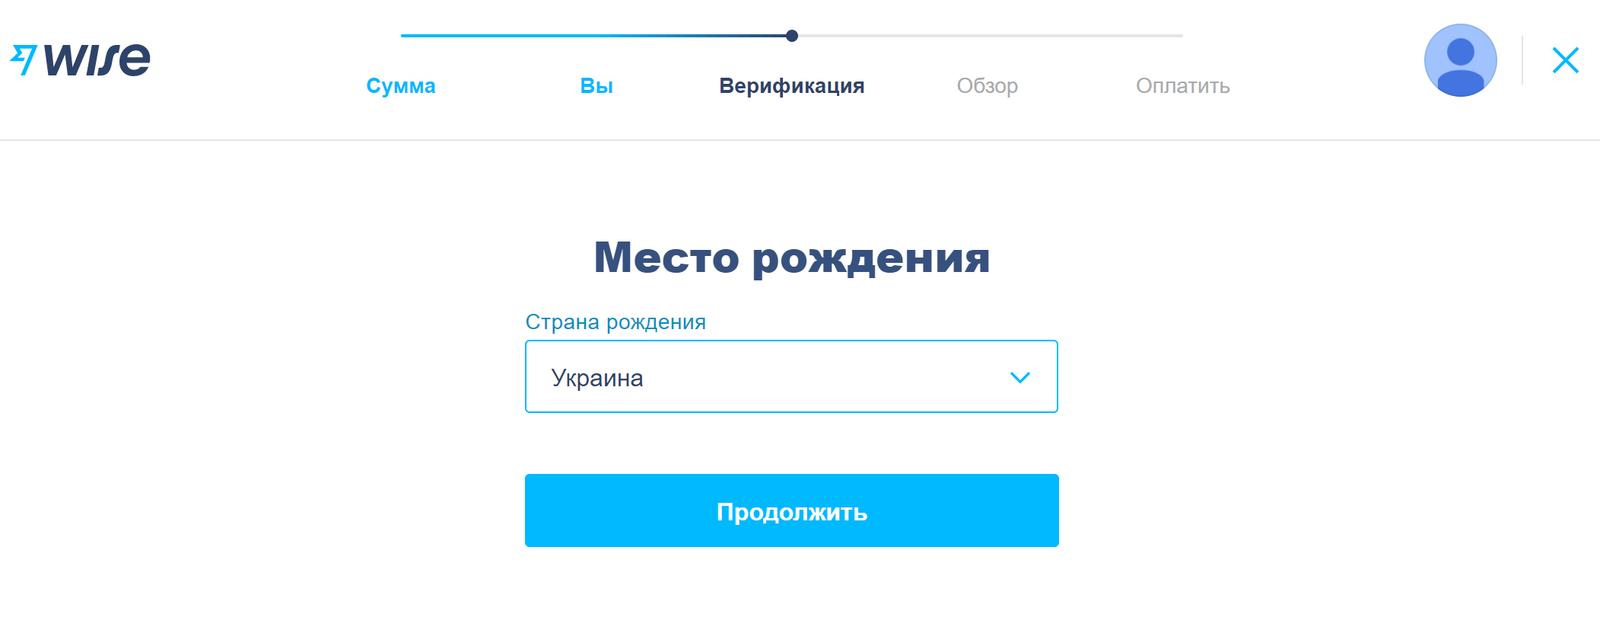 Как перевести деньги в Украину дешево